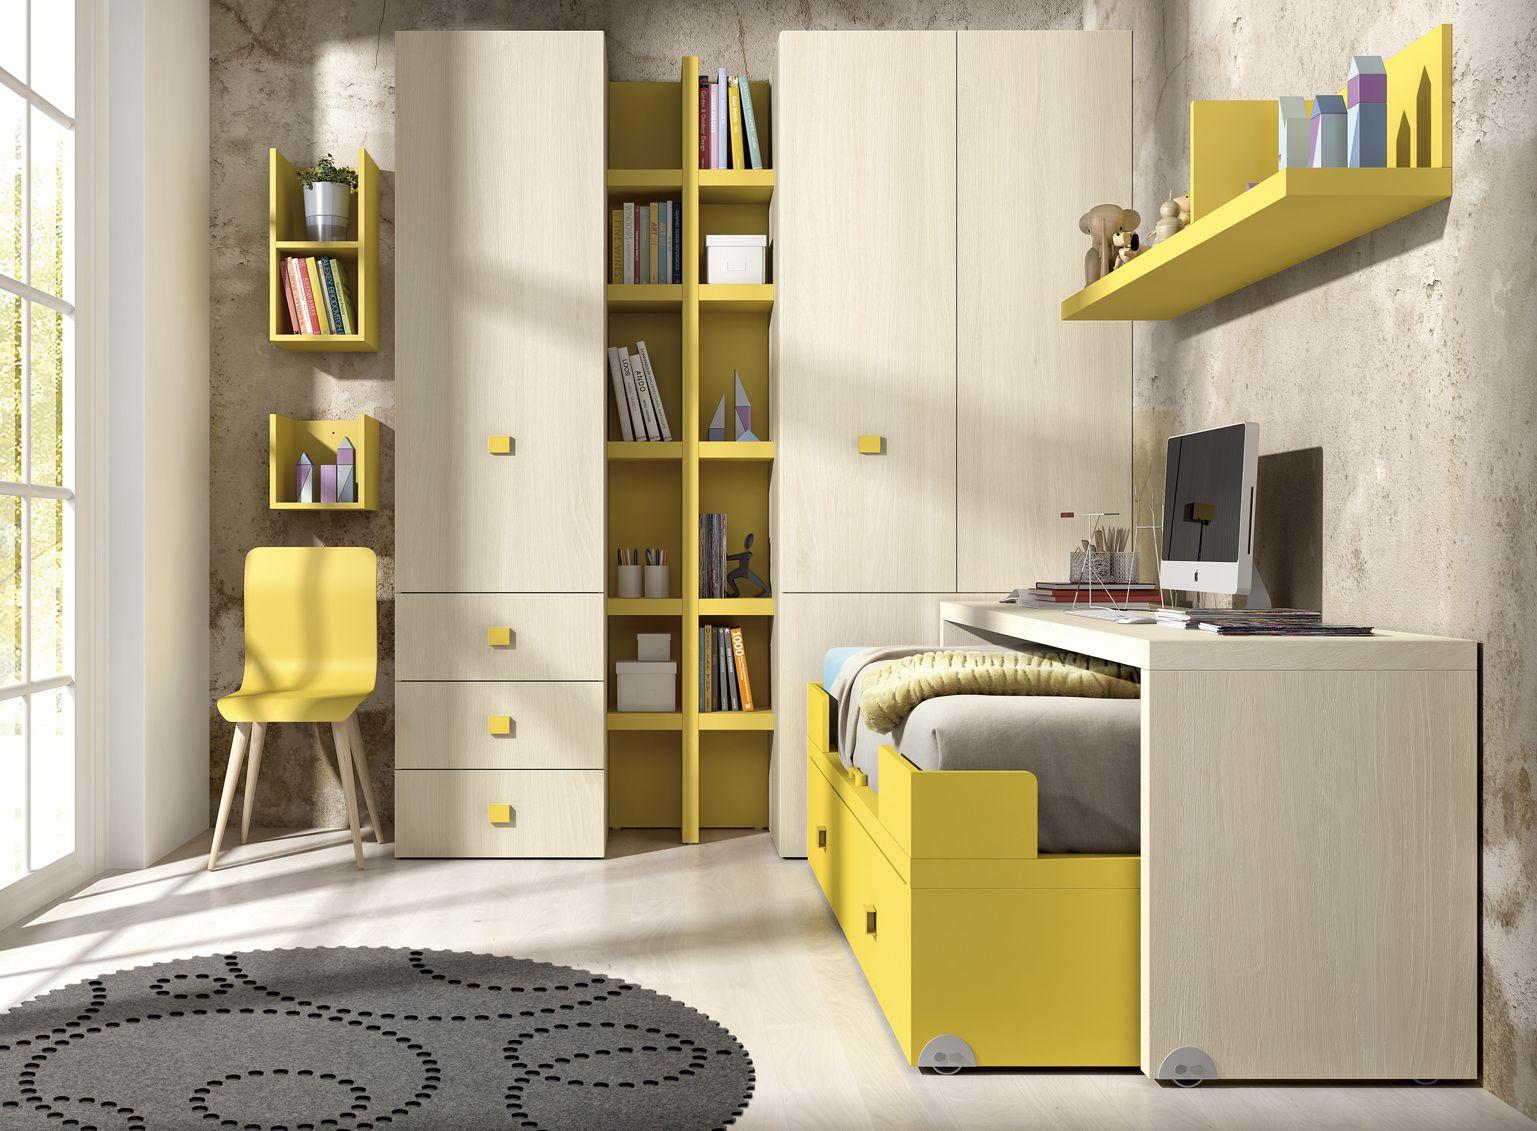 Estudiar Dormir Ordenar Todo En Uno Kazzano Pinterest  # Muebles Todo En Uno